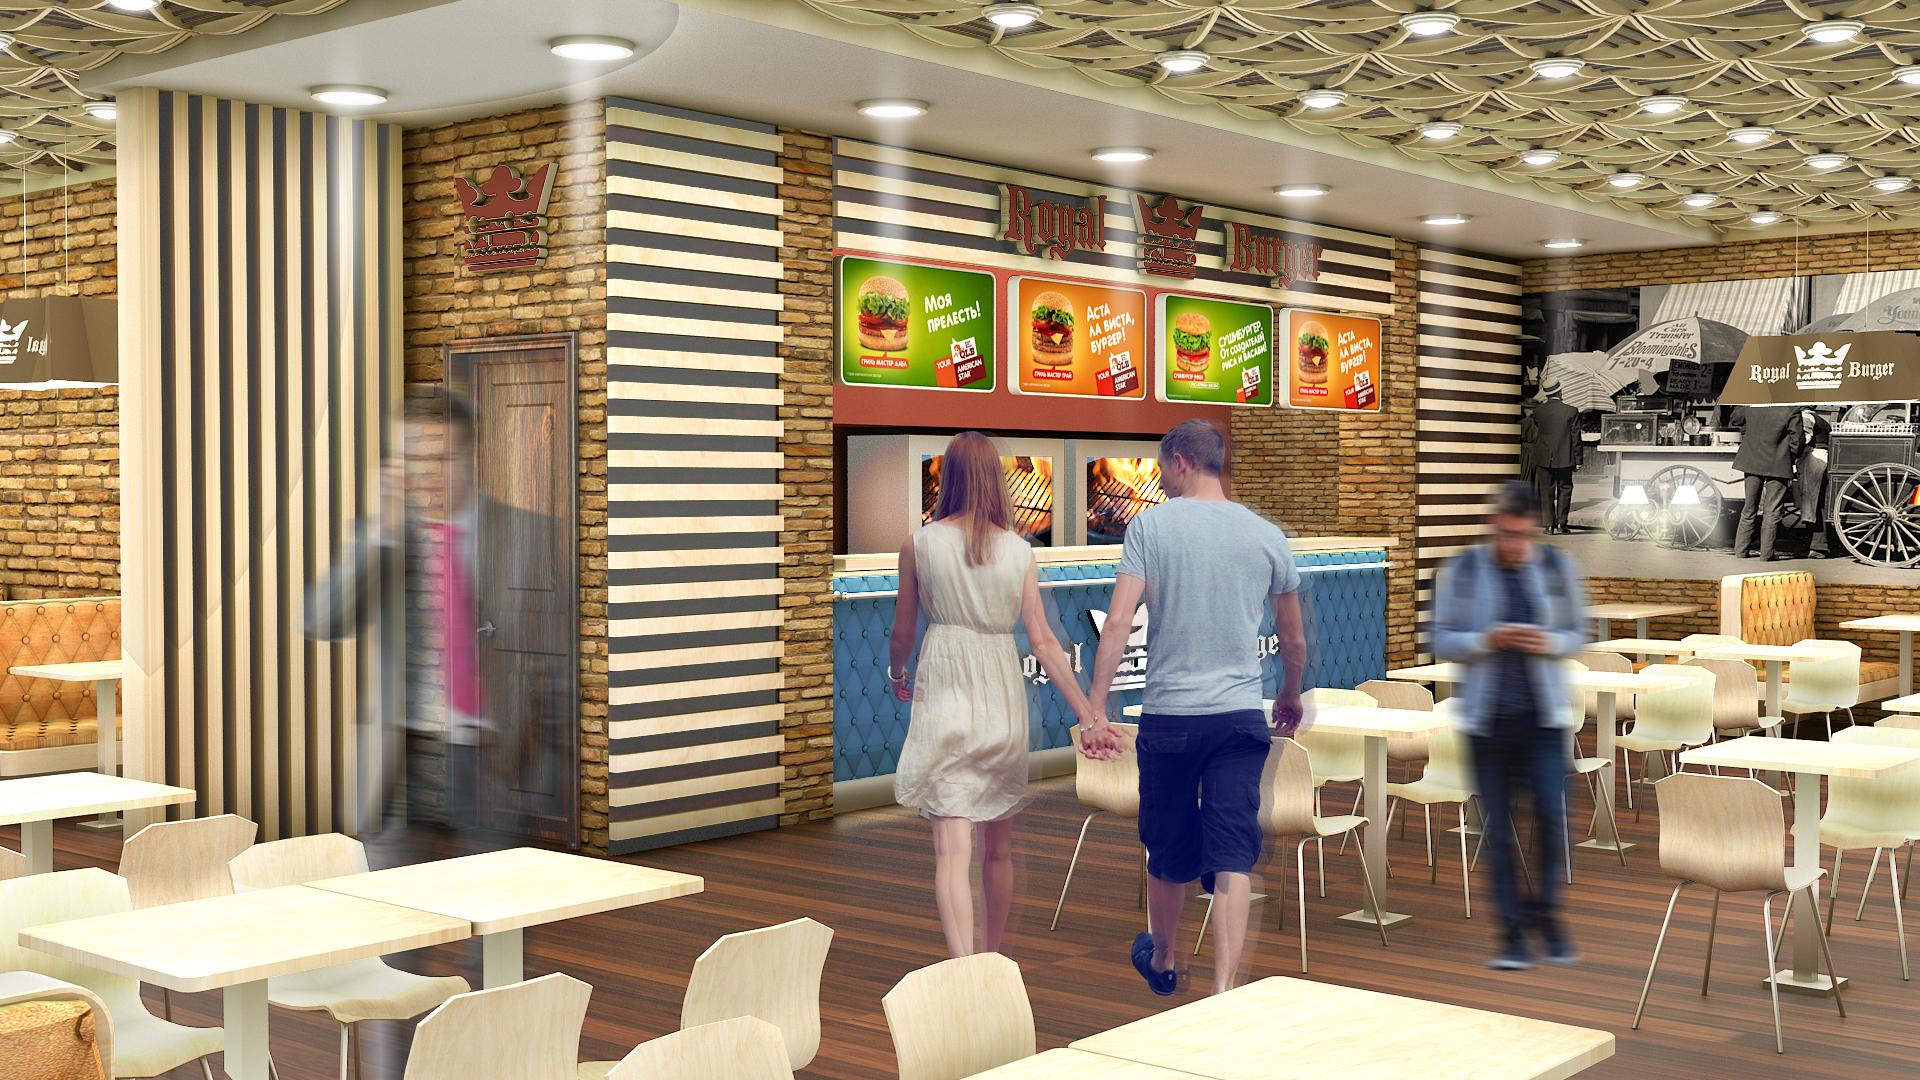 Обновление интерьера кафе  фото f_70659c9bd9dd8f1f.jpg